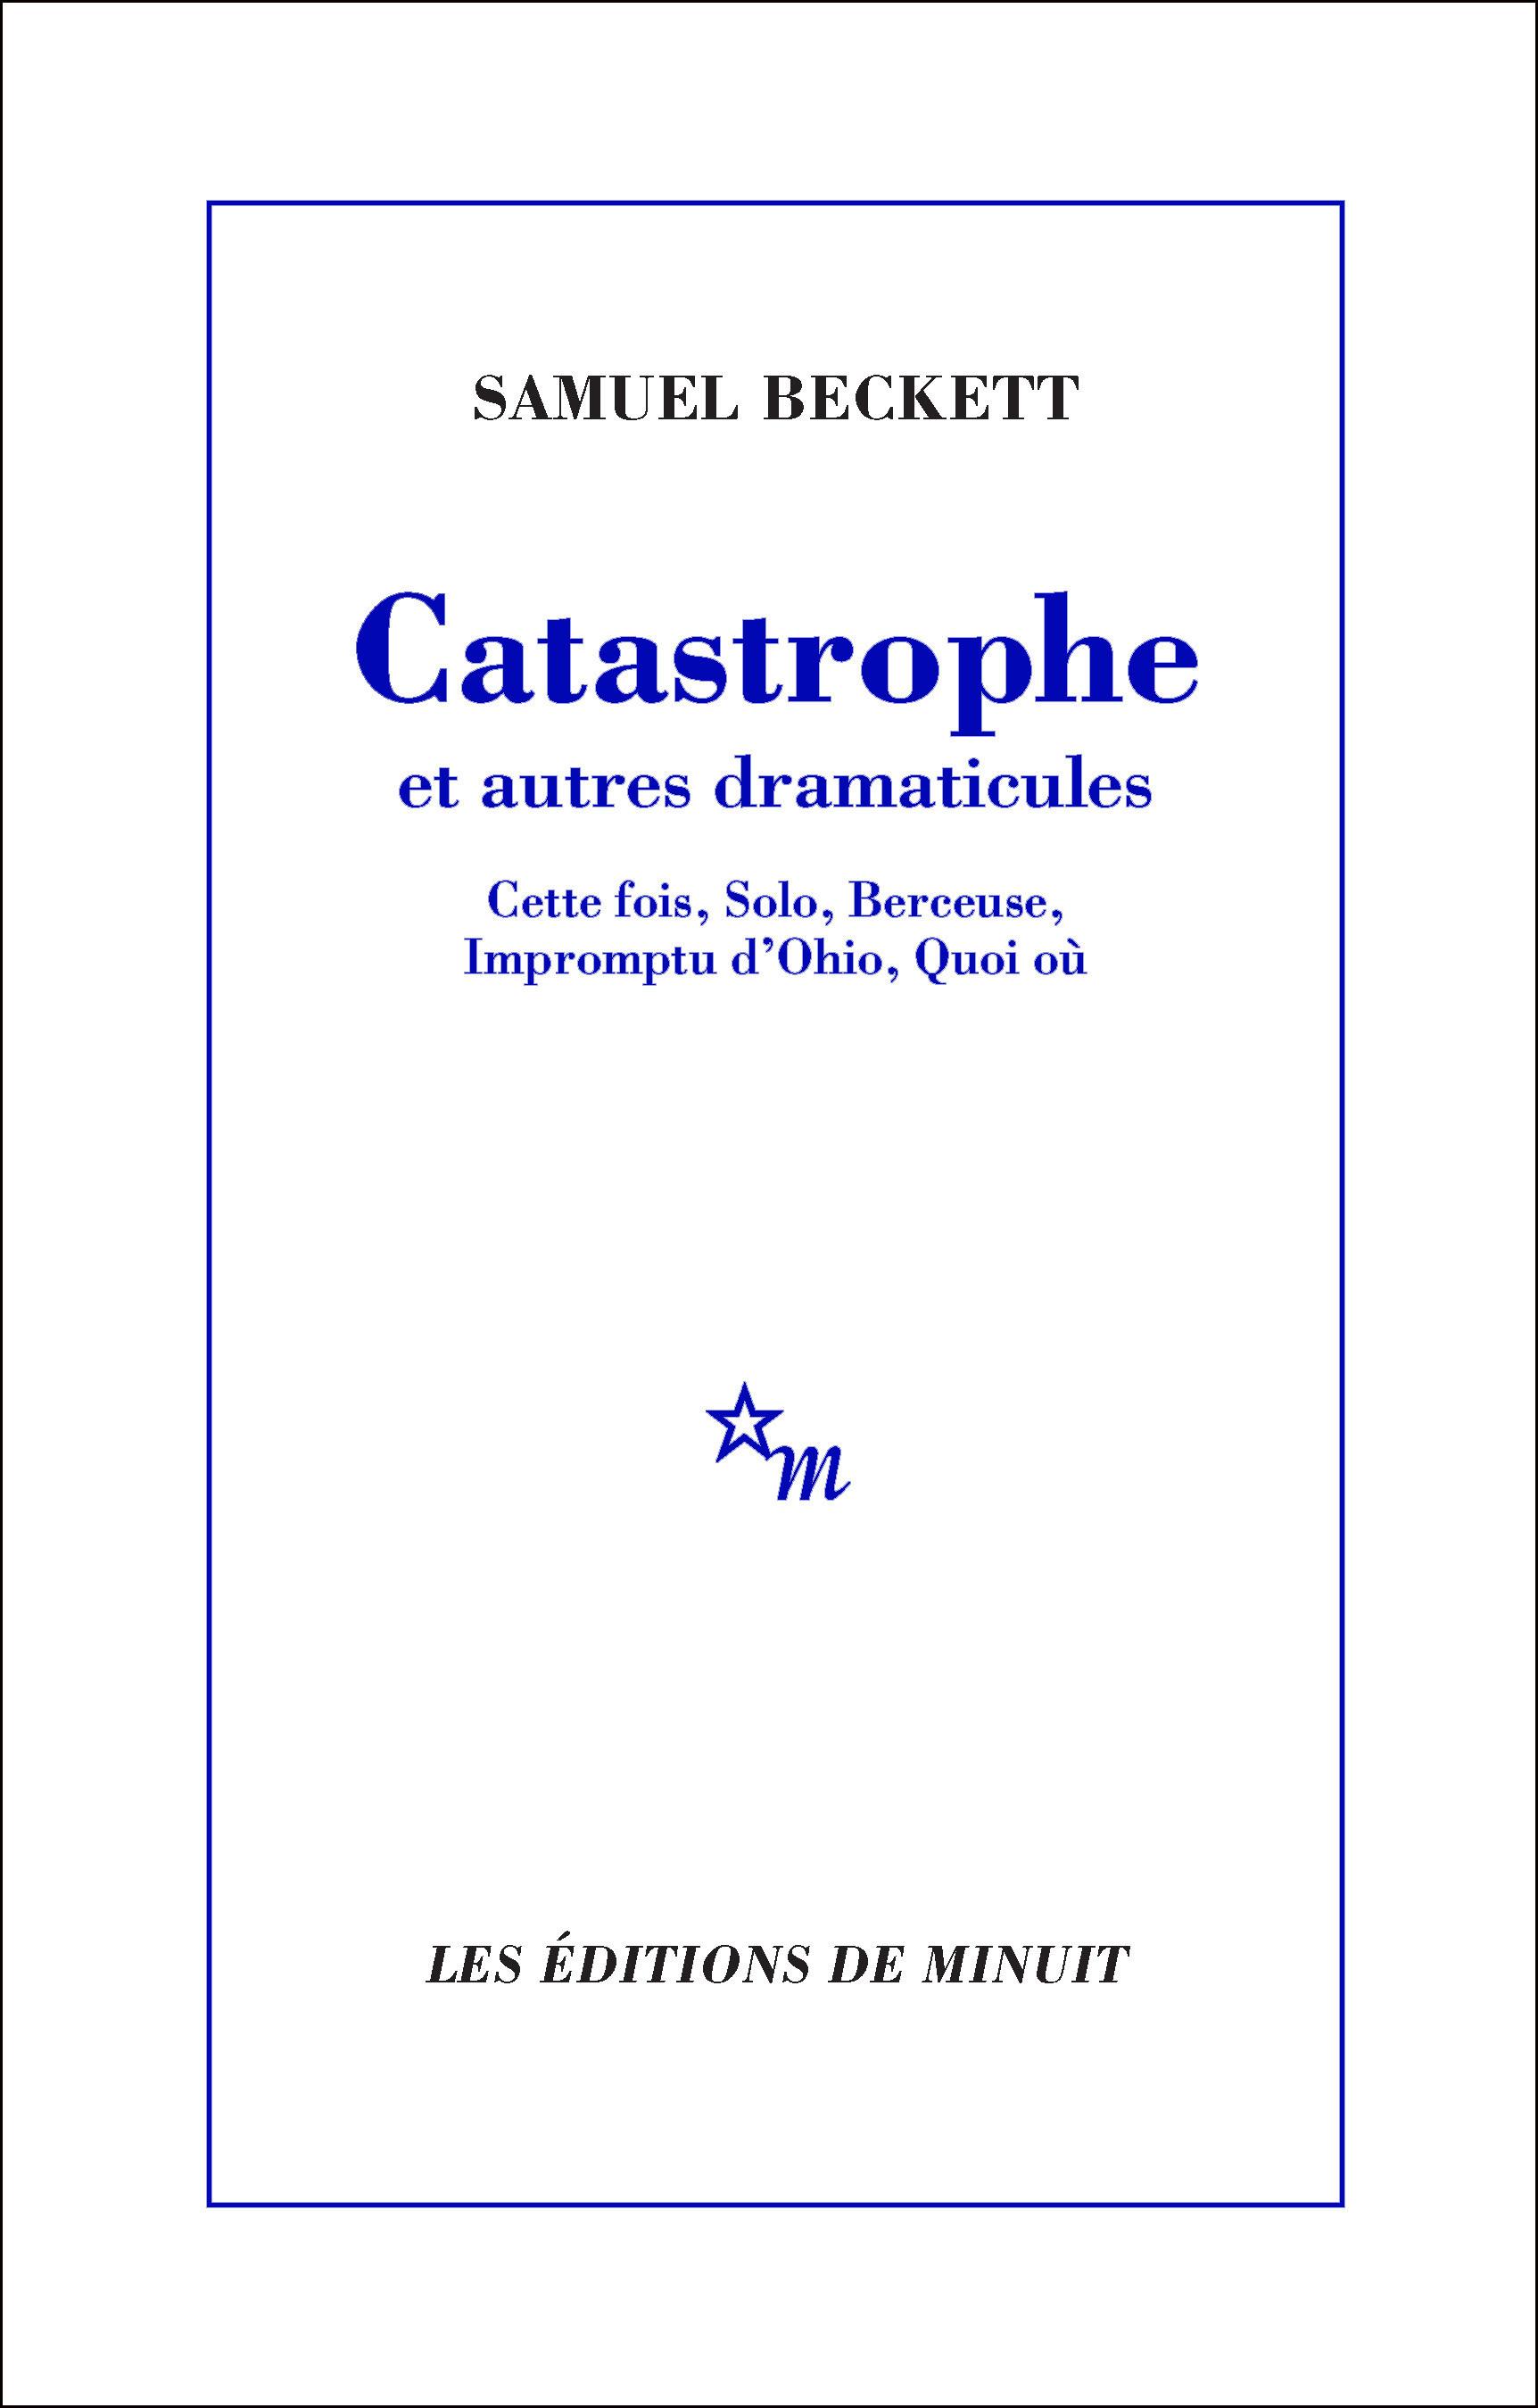 Catastrophe et autres dramaticules